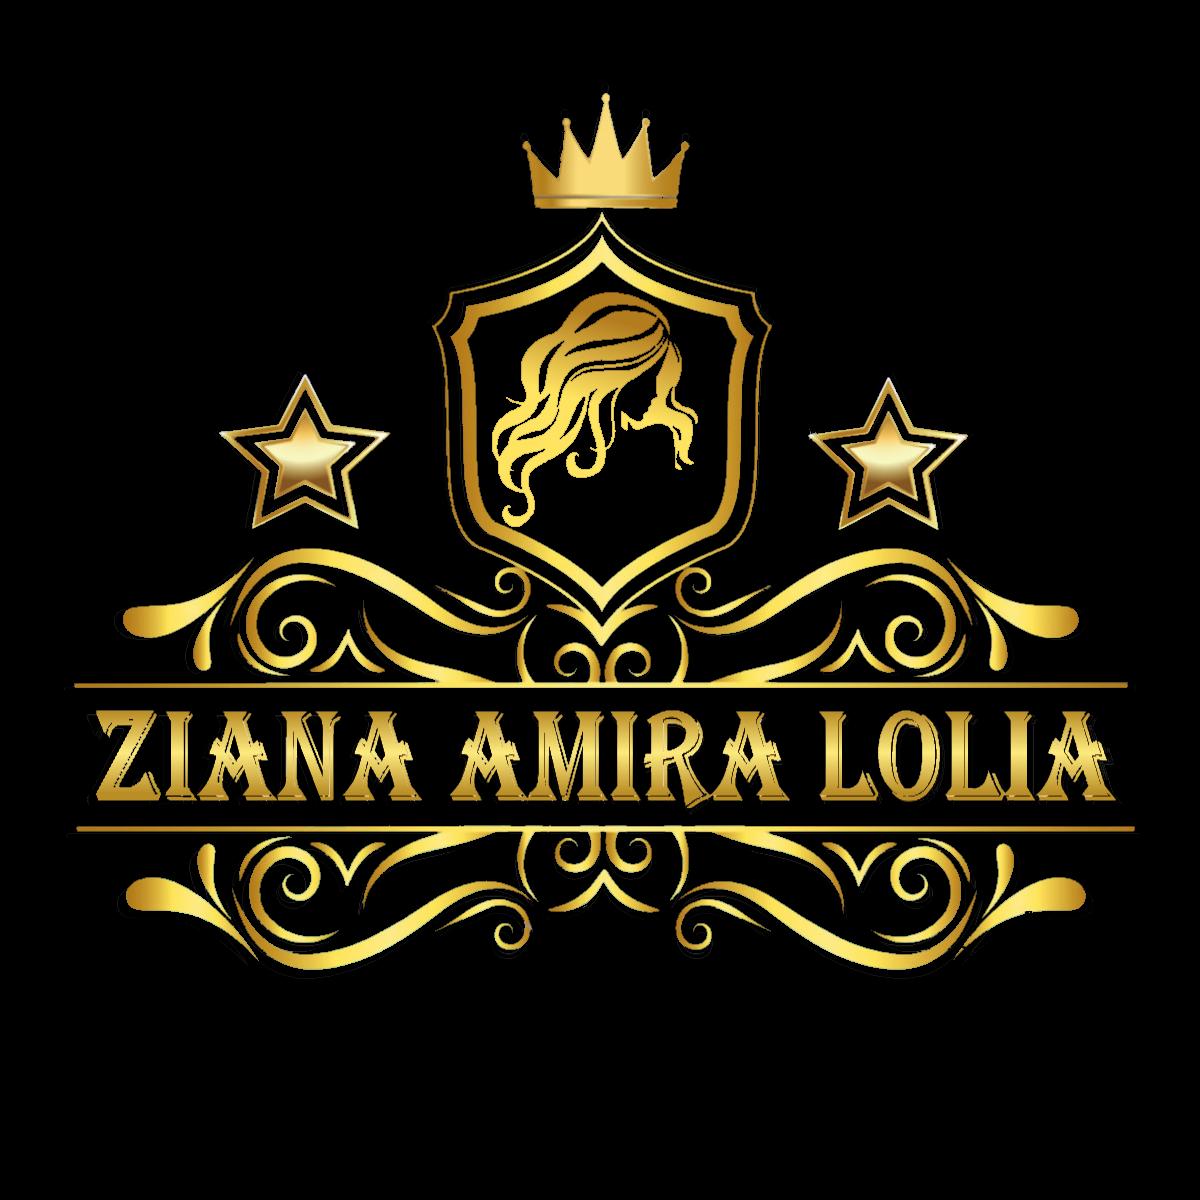 Ziana Amira LOLIA